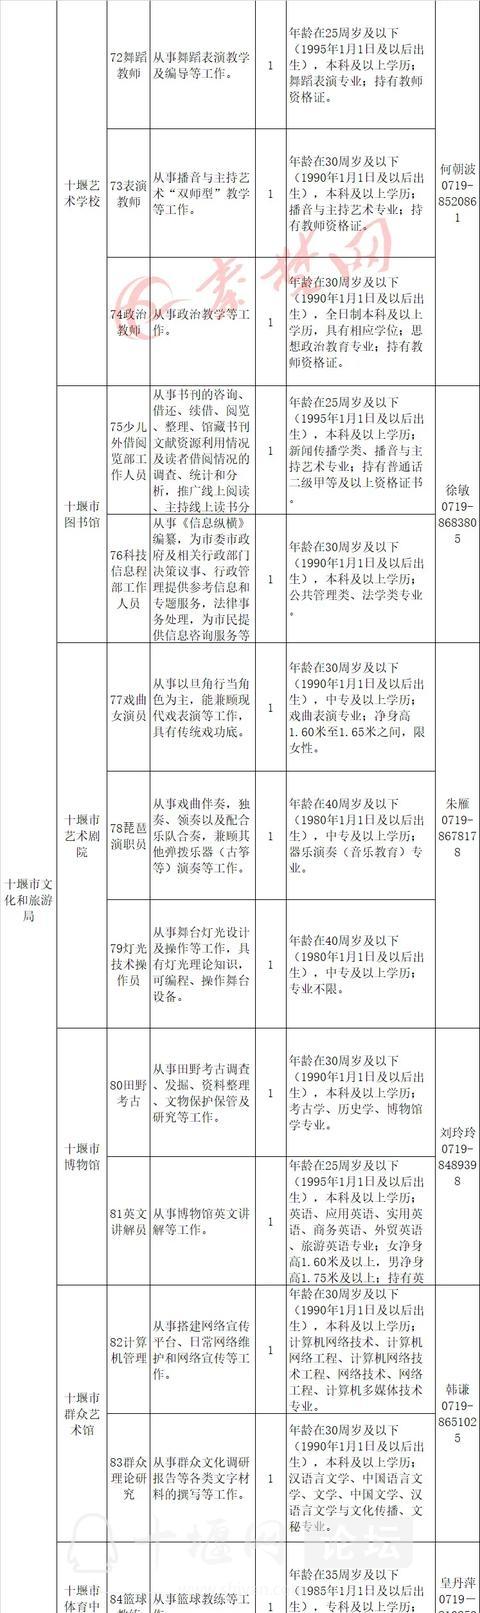 十堰启动事业单位大规模招聘,最全岗位表来了-7.jpg